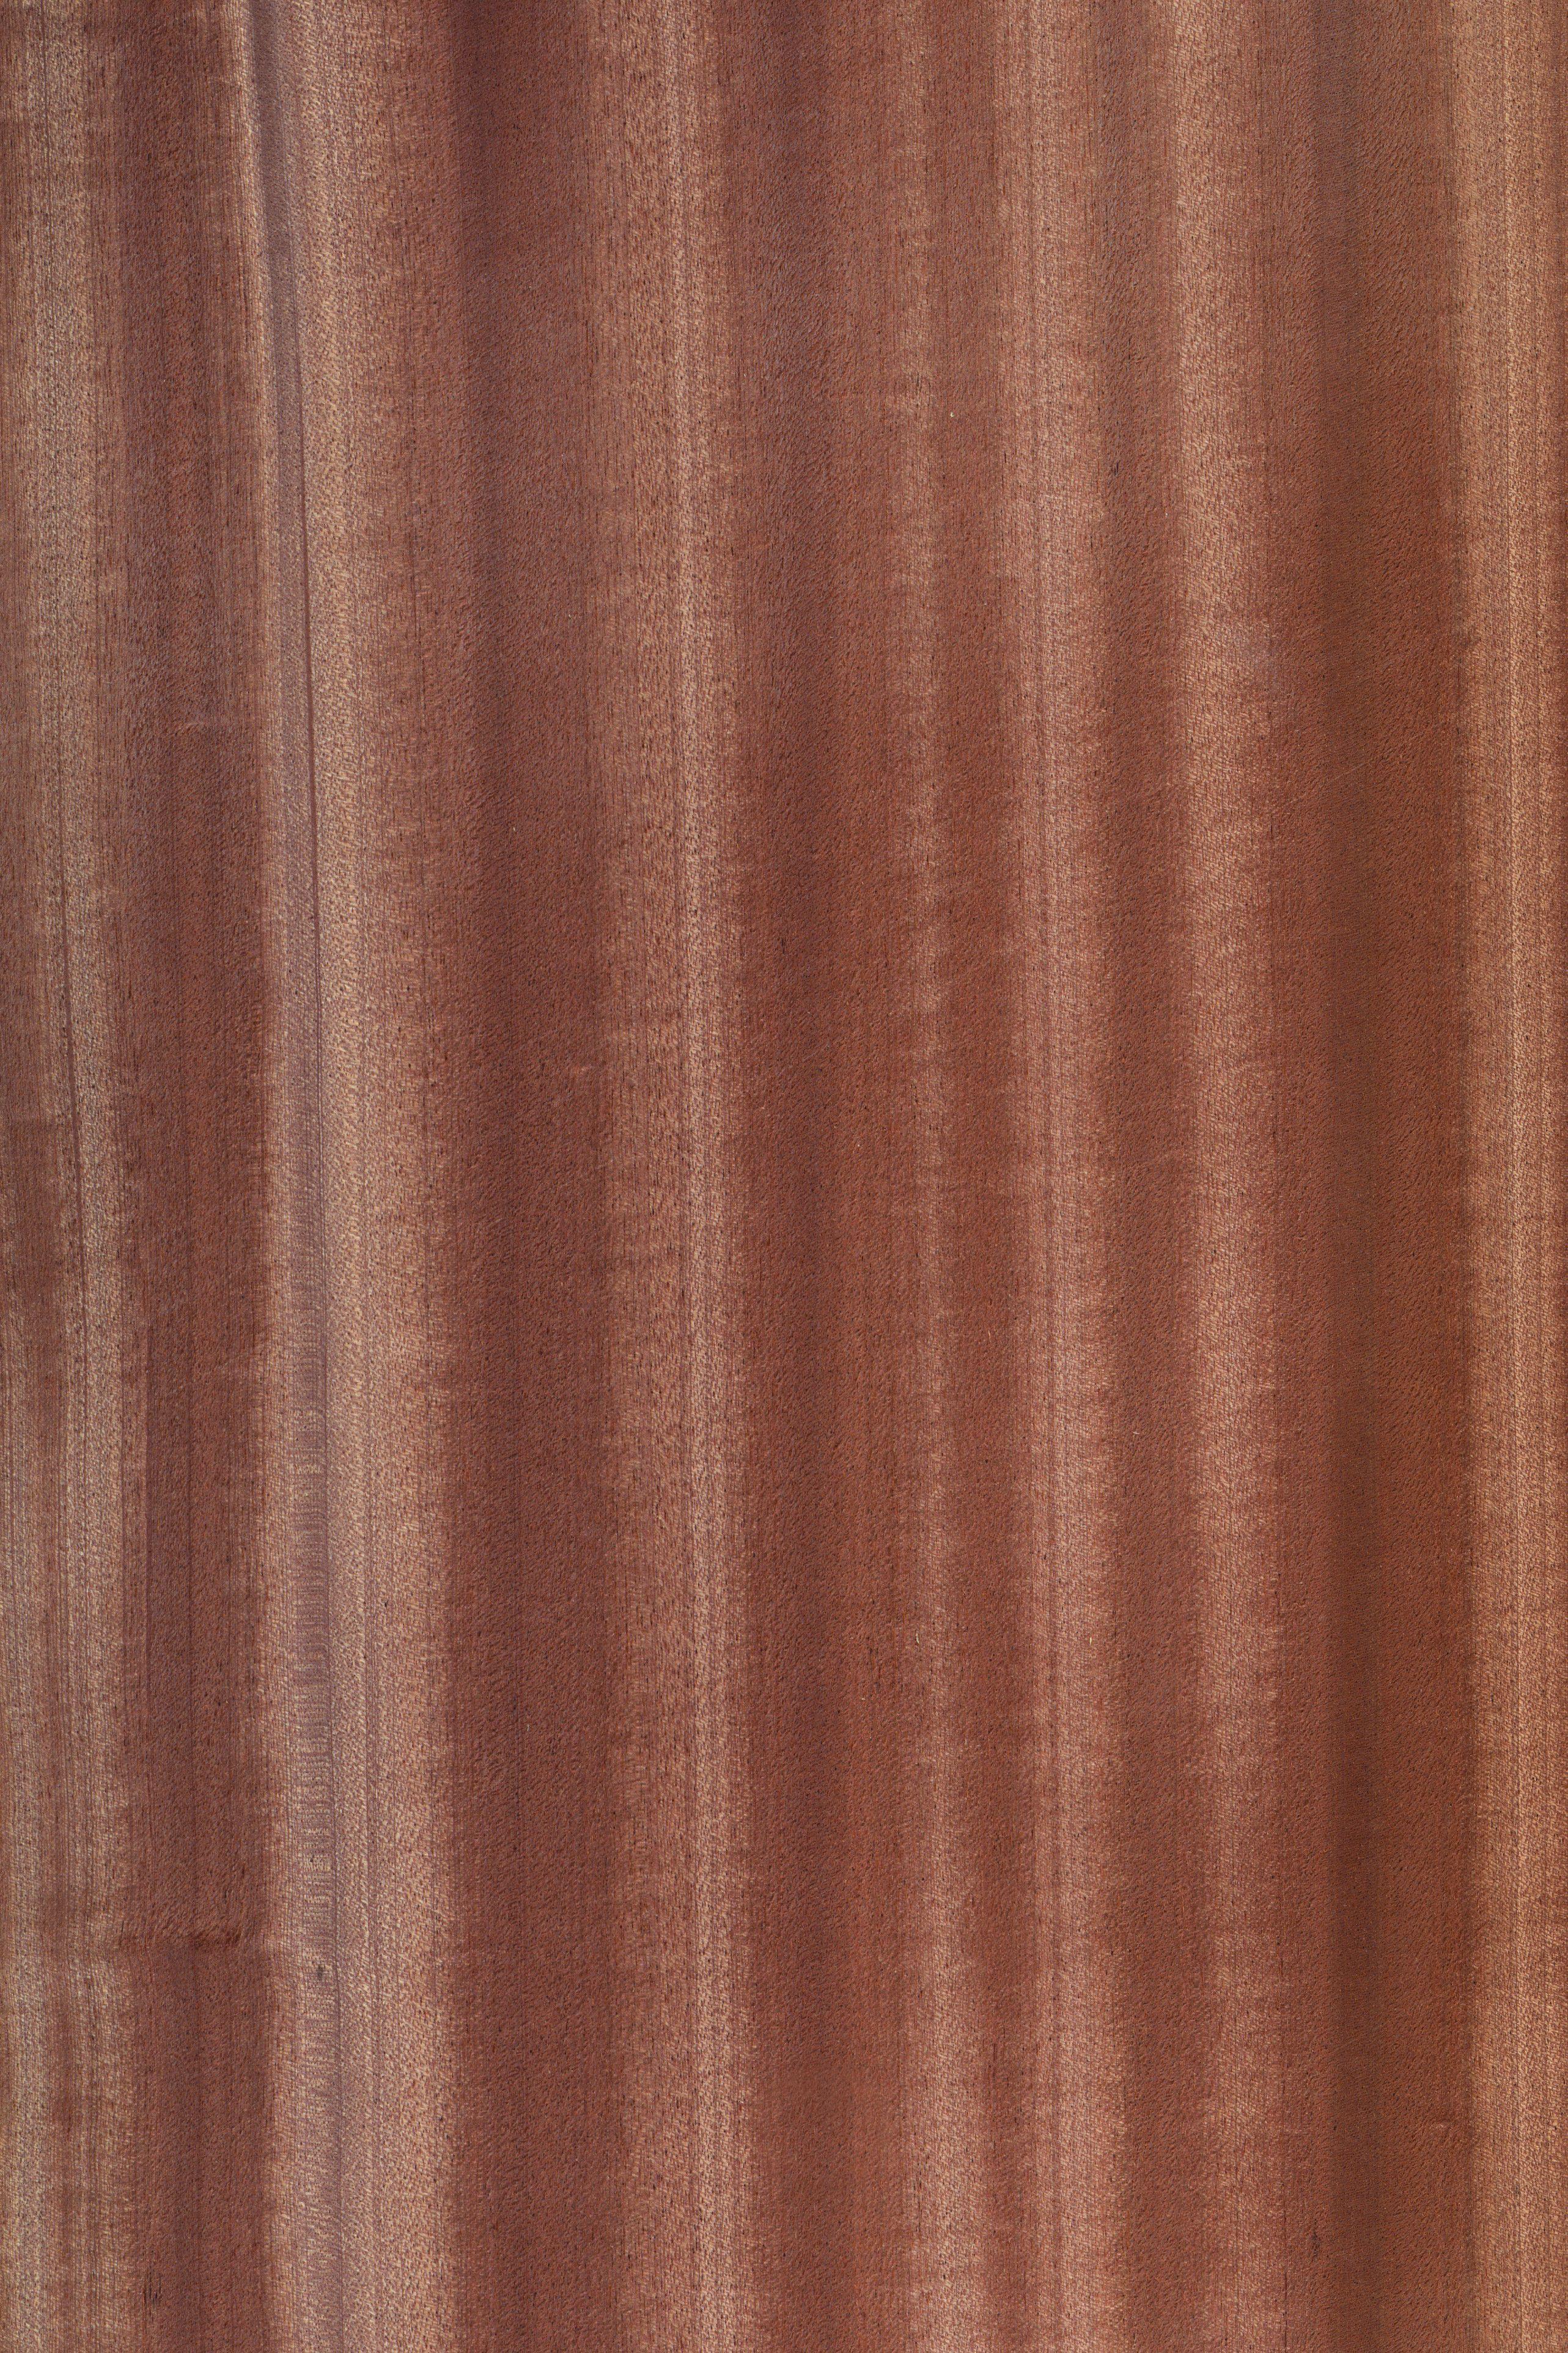 Mahagoni Furnier Holzart Mahagoni Blatt Braun Rot Exoten